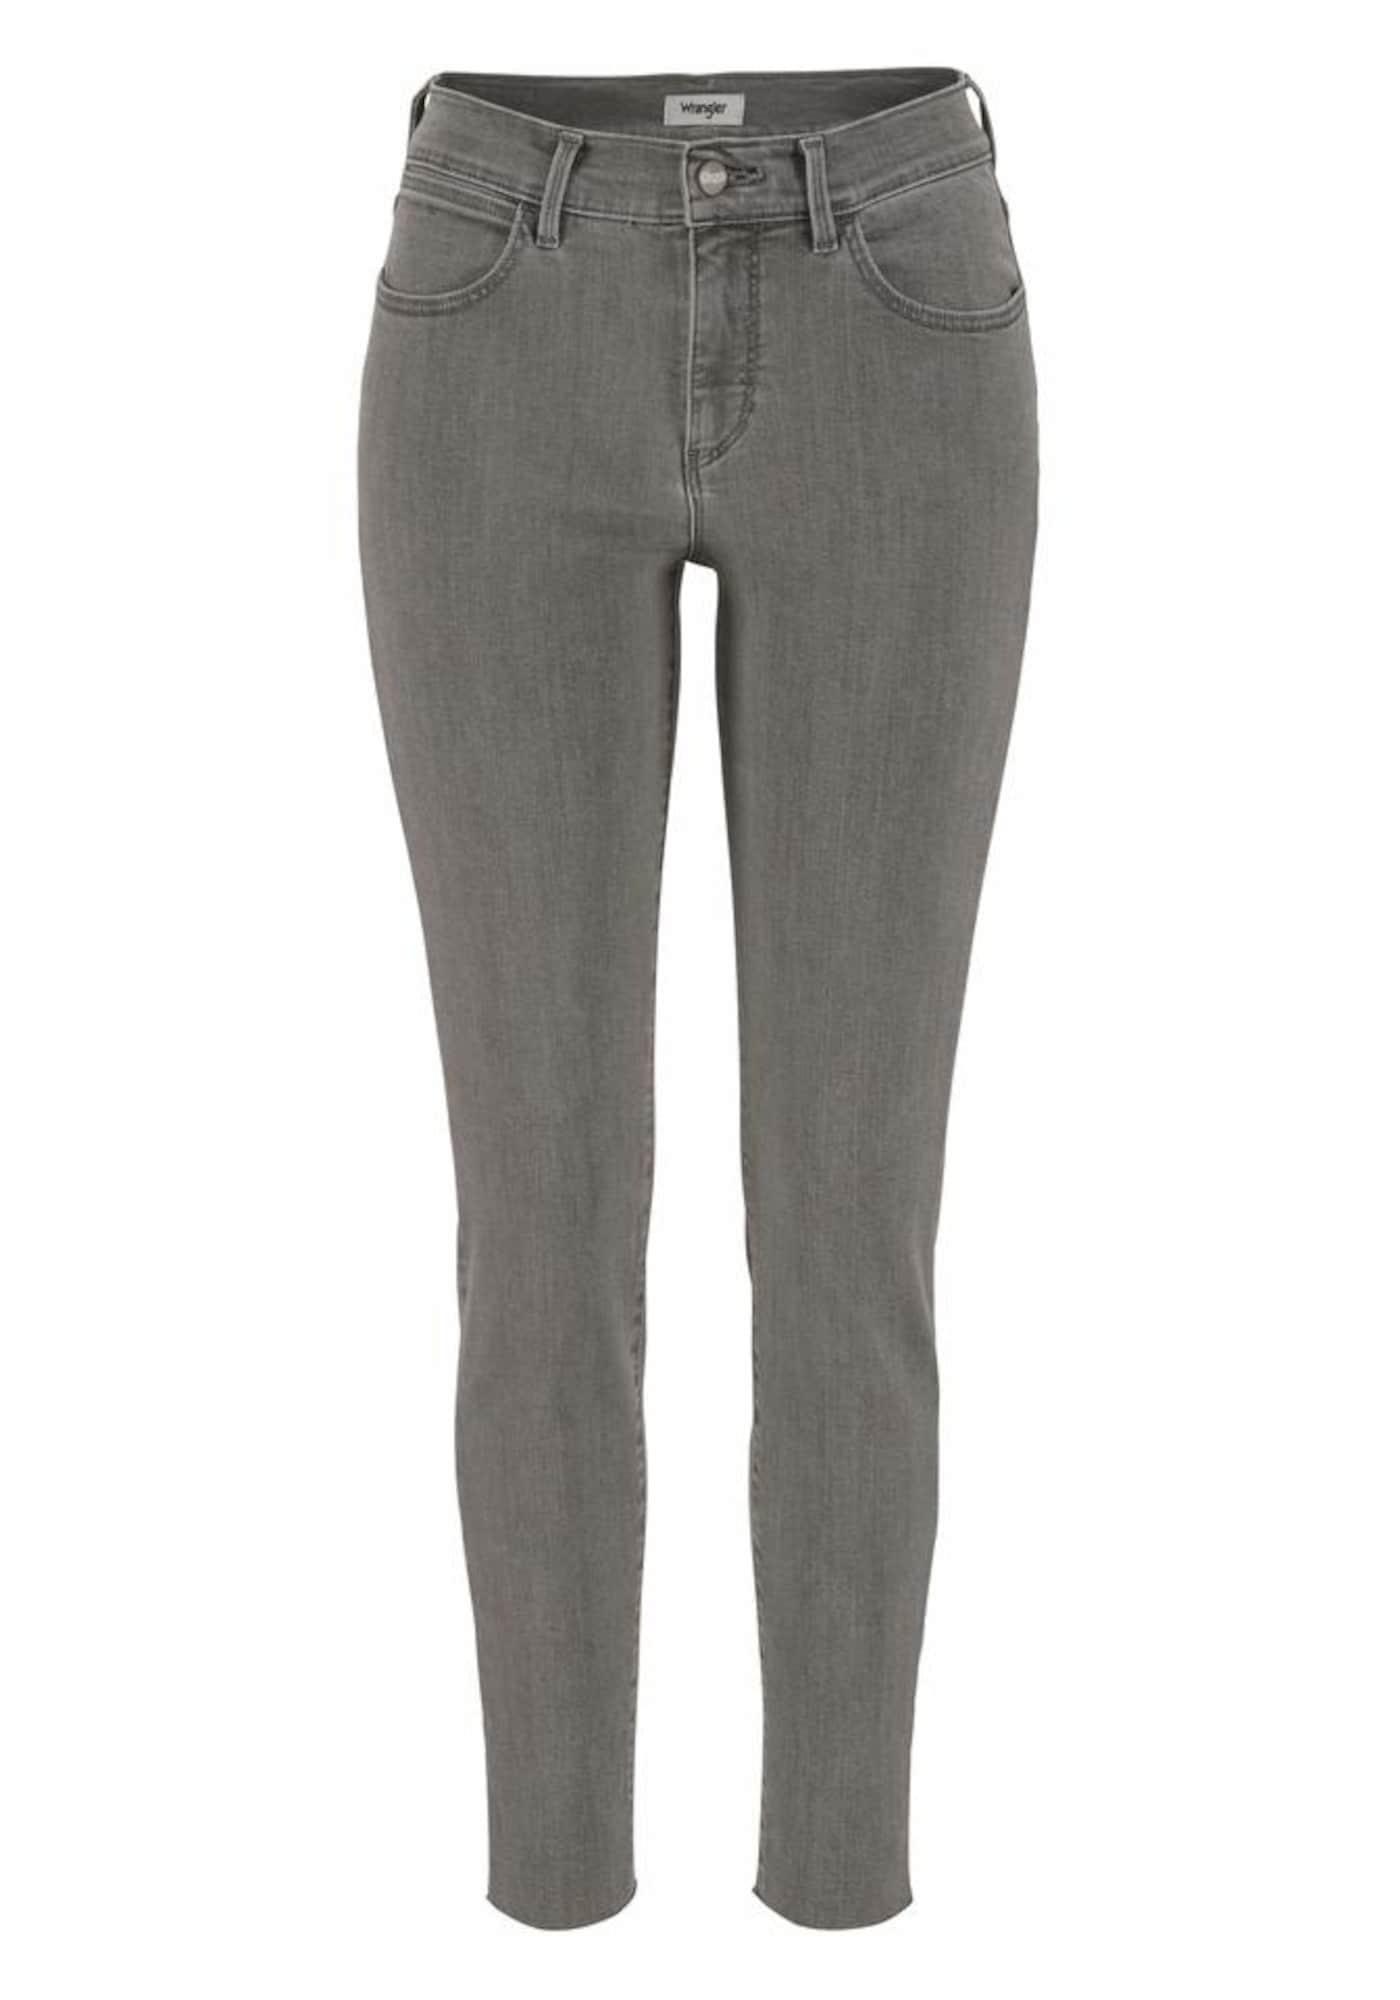 WRANGLER Dames Jeans High Rise Skinny donkergrijs